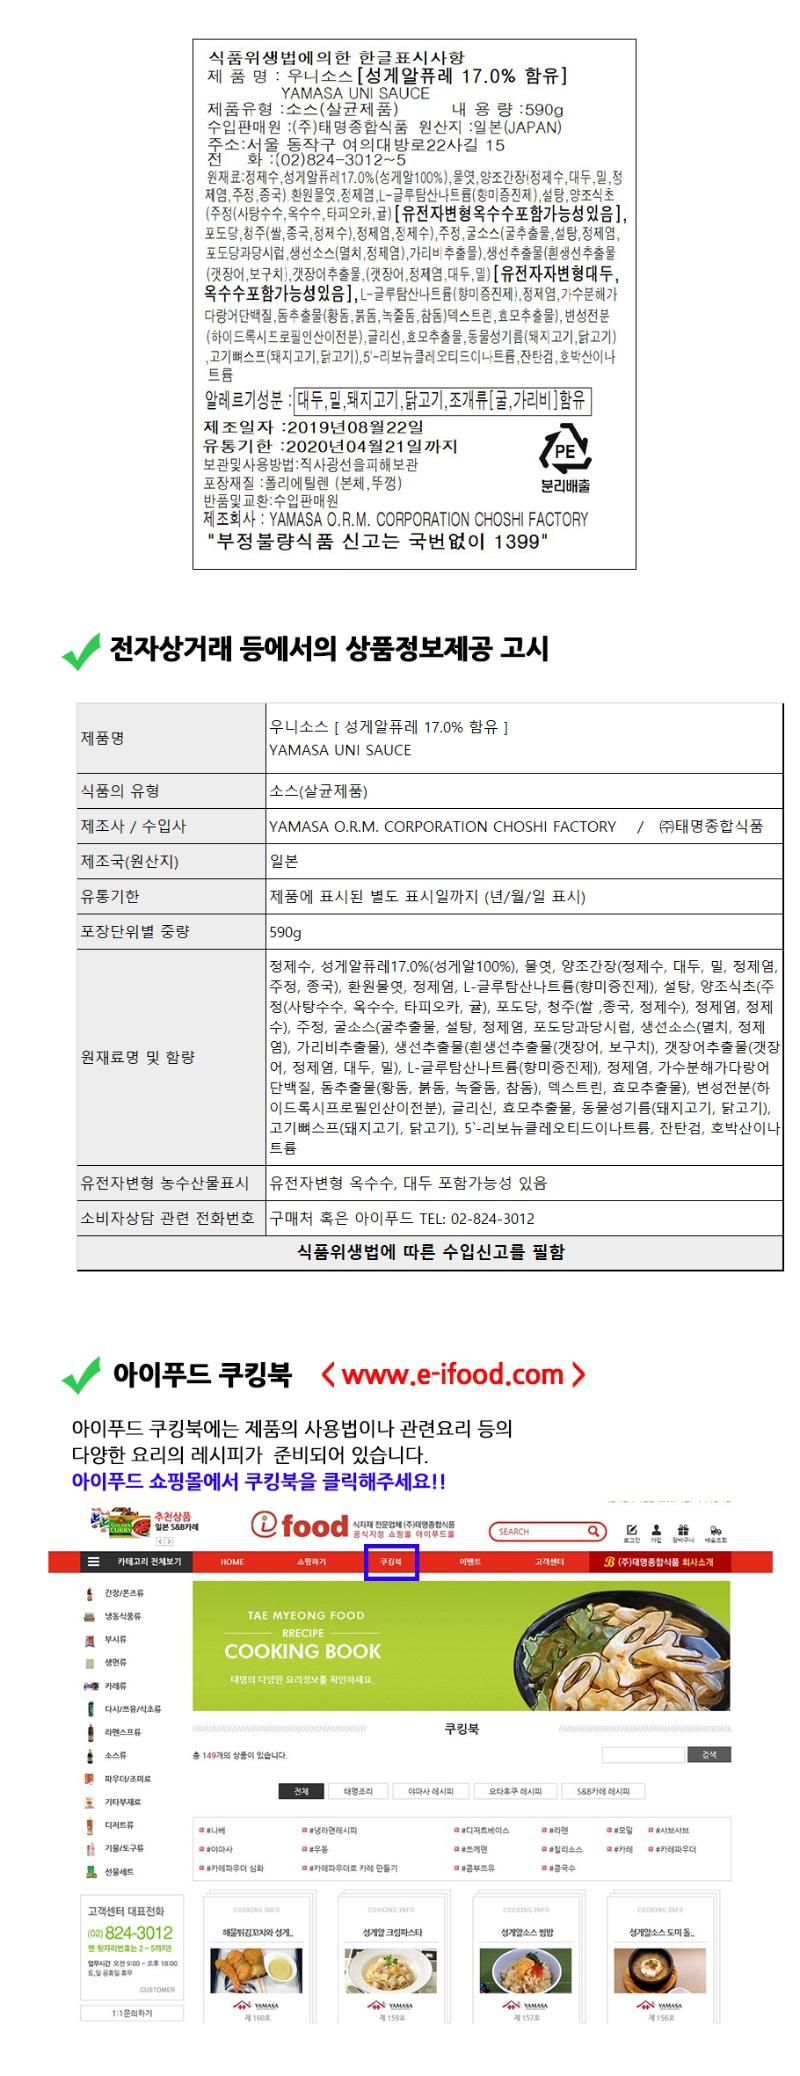 우니소스 상품정보2.jpg